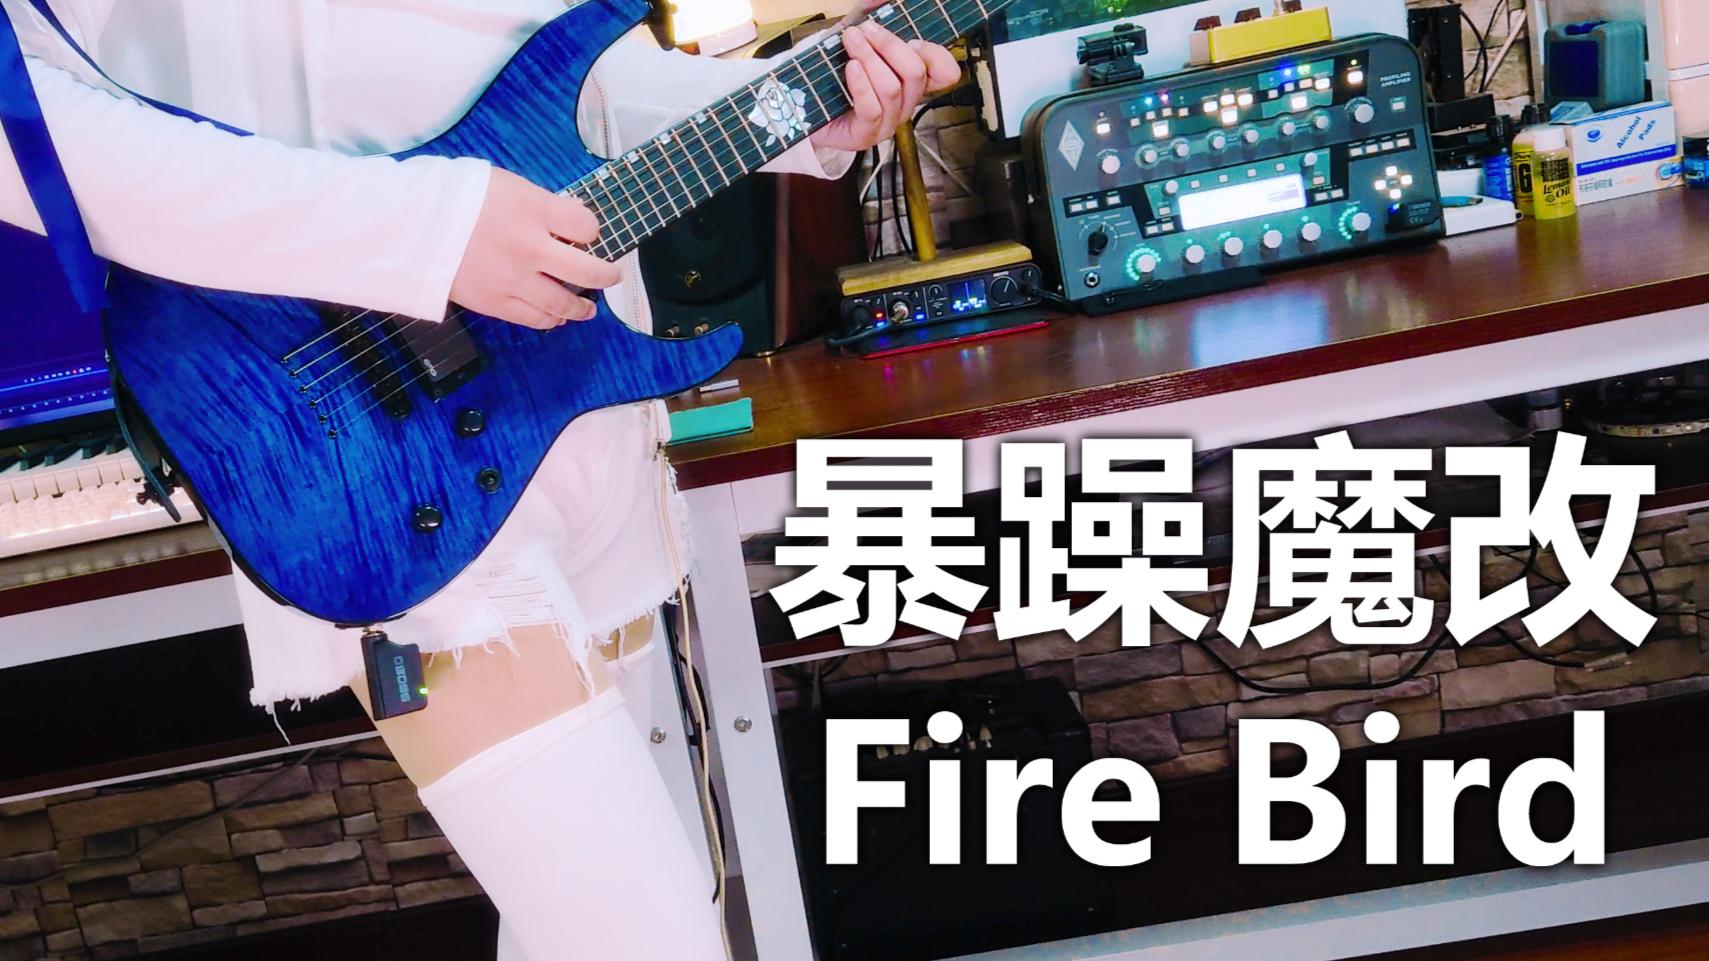 暴 躁 魔 改 Fire Bird【相羽爱奈生日快乐!】